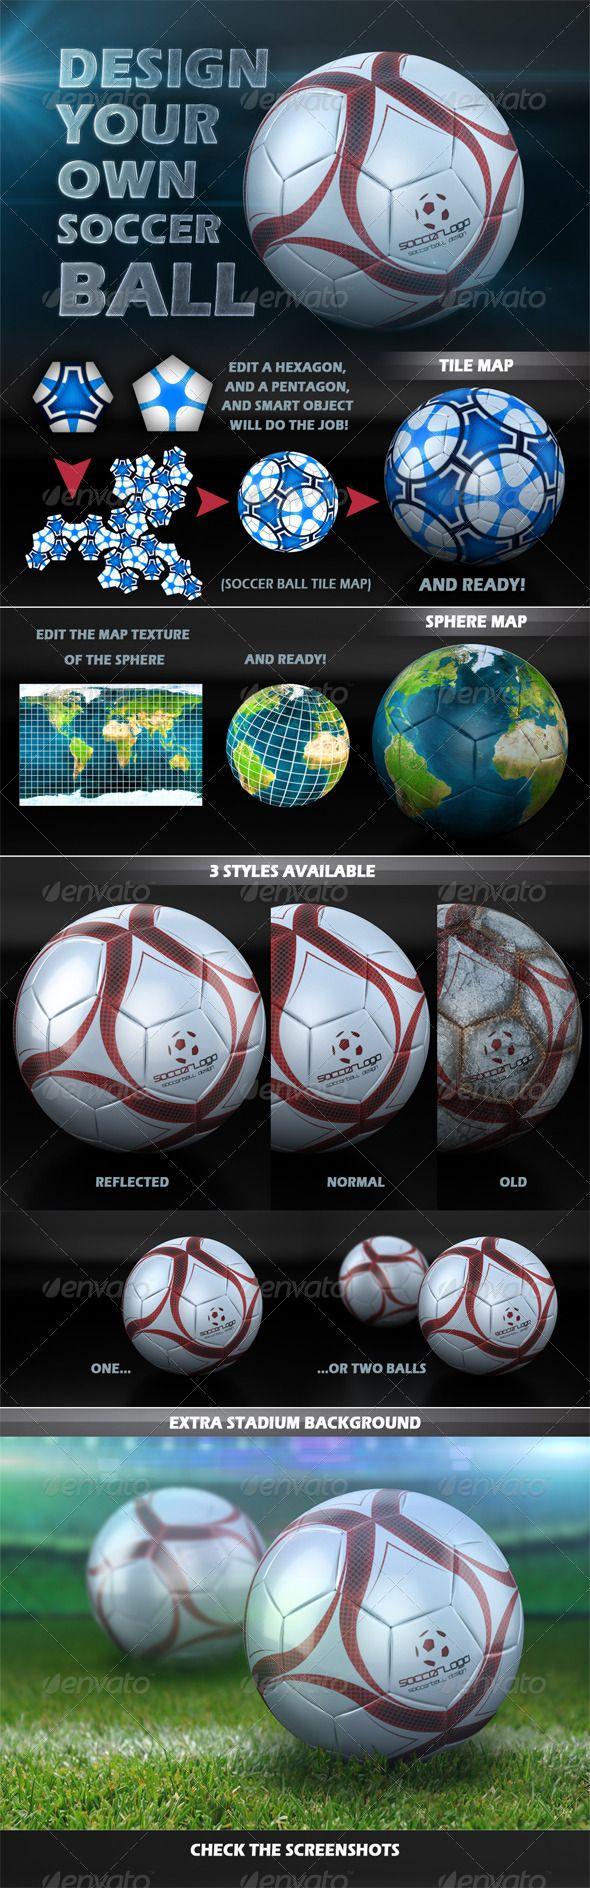 Download Pin By Mohamed On Sports Soccer Soccer Ball Soccer Logo